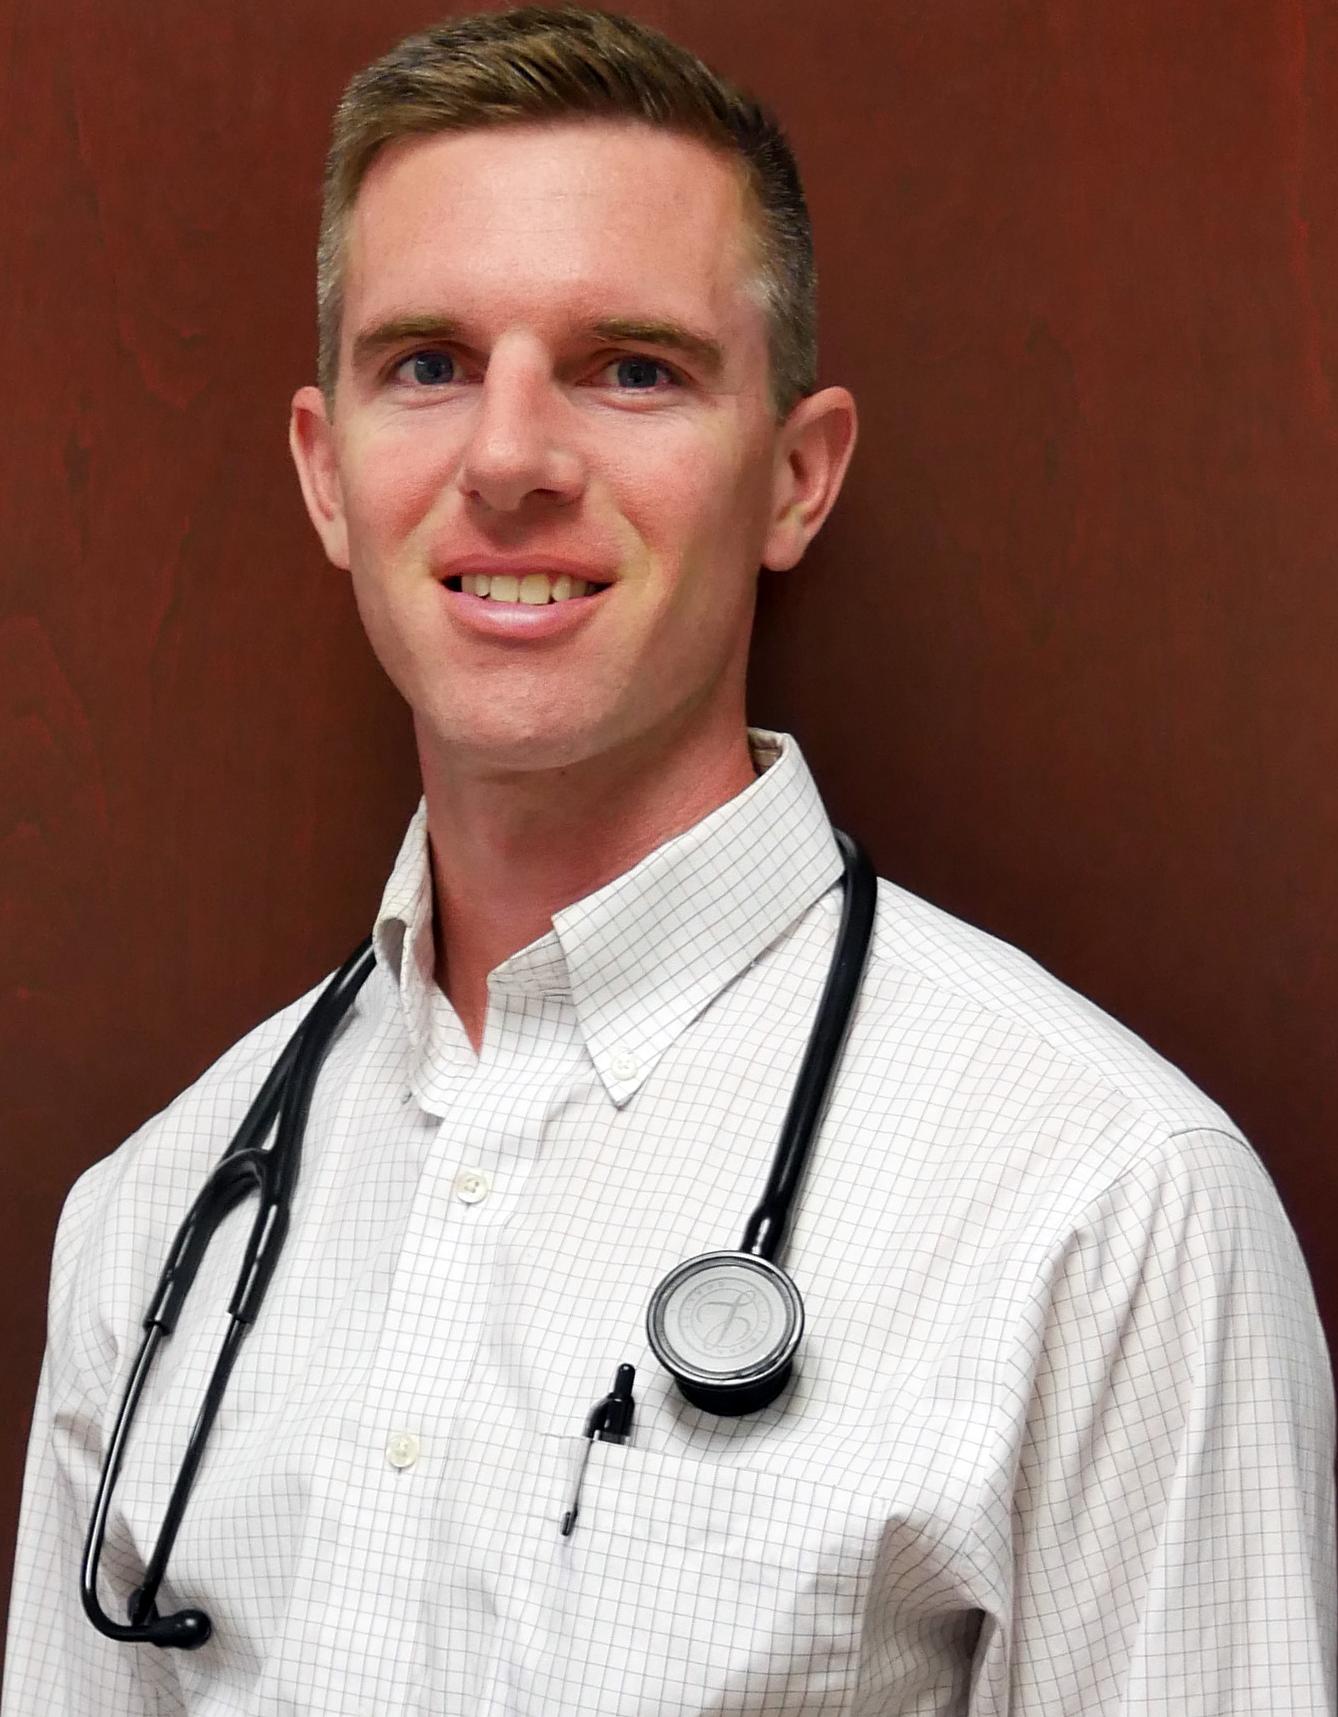 Dr. Ben Dieter